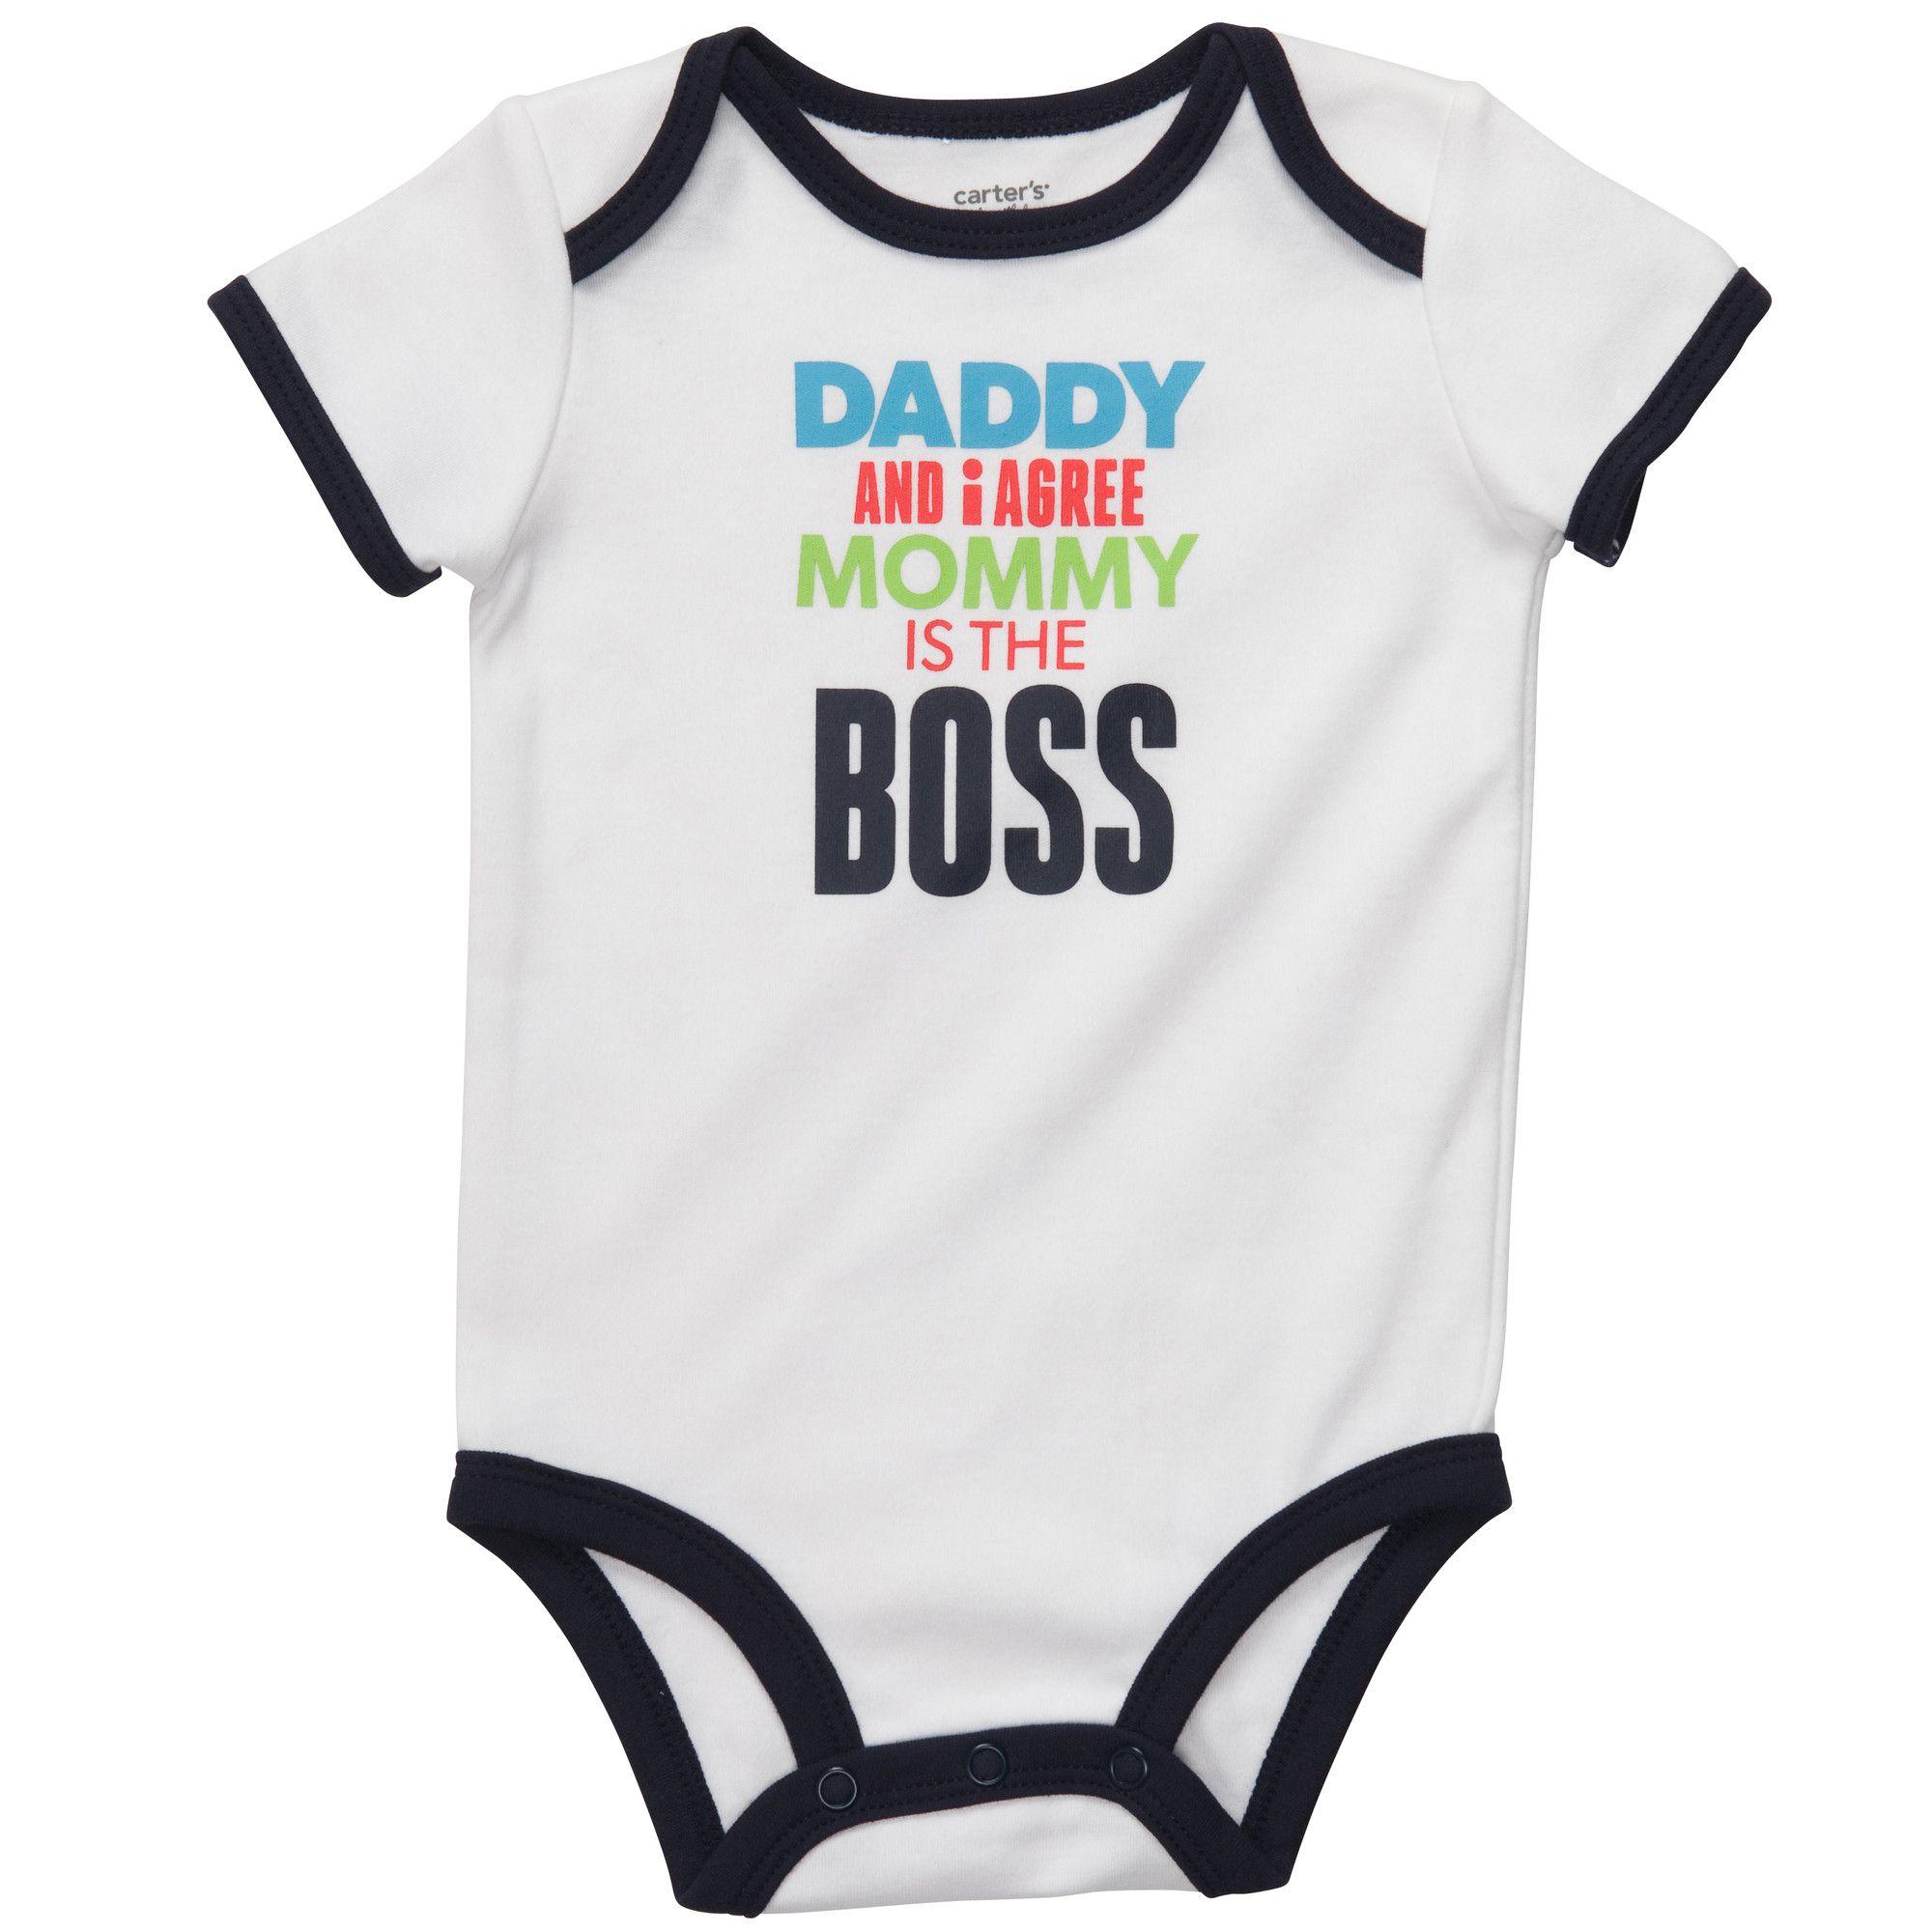 Boss Life Baby Short Sleeve Romper Onesie Bodysuits for Toddler